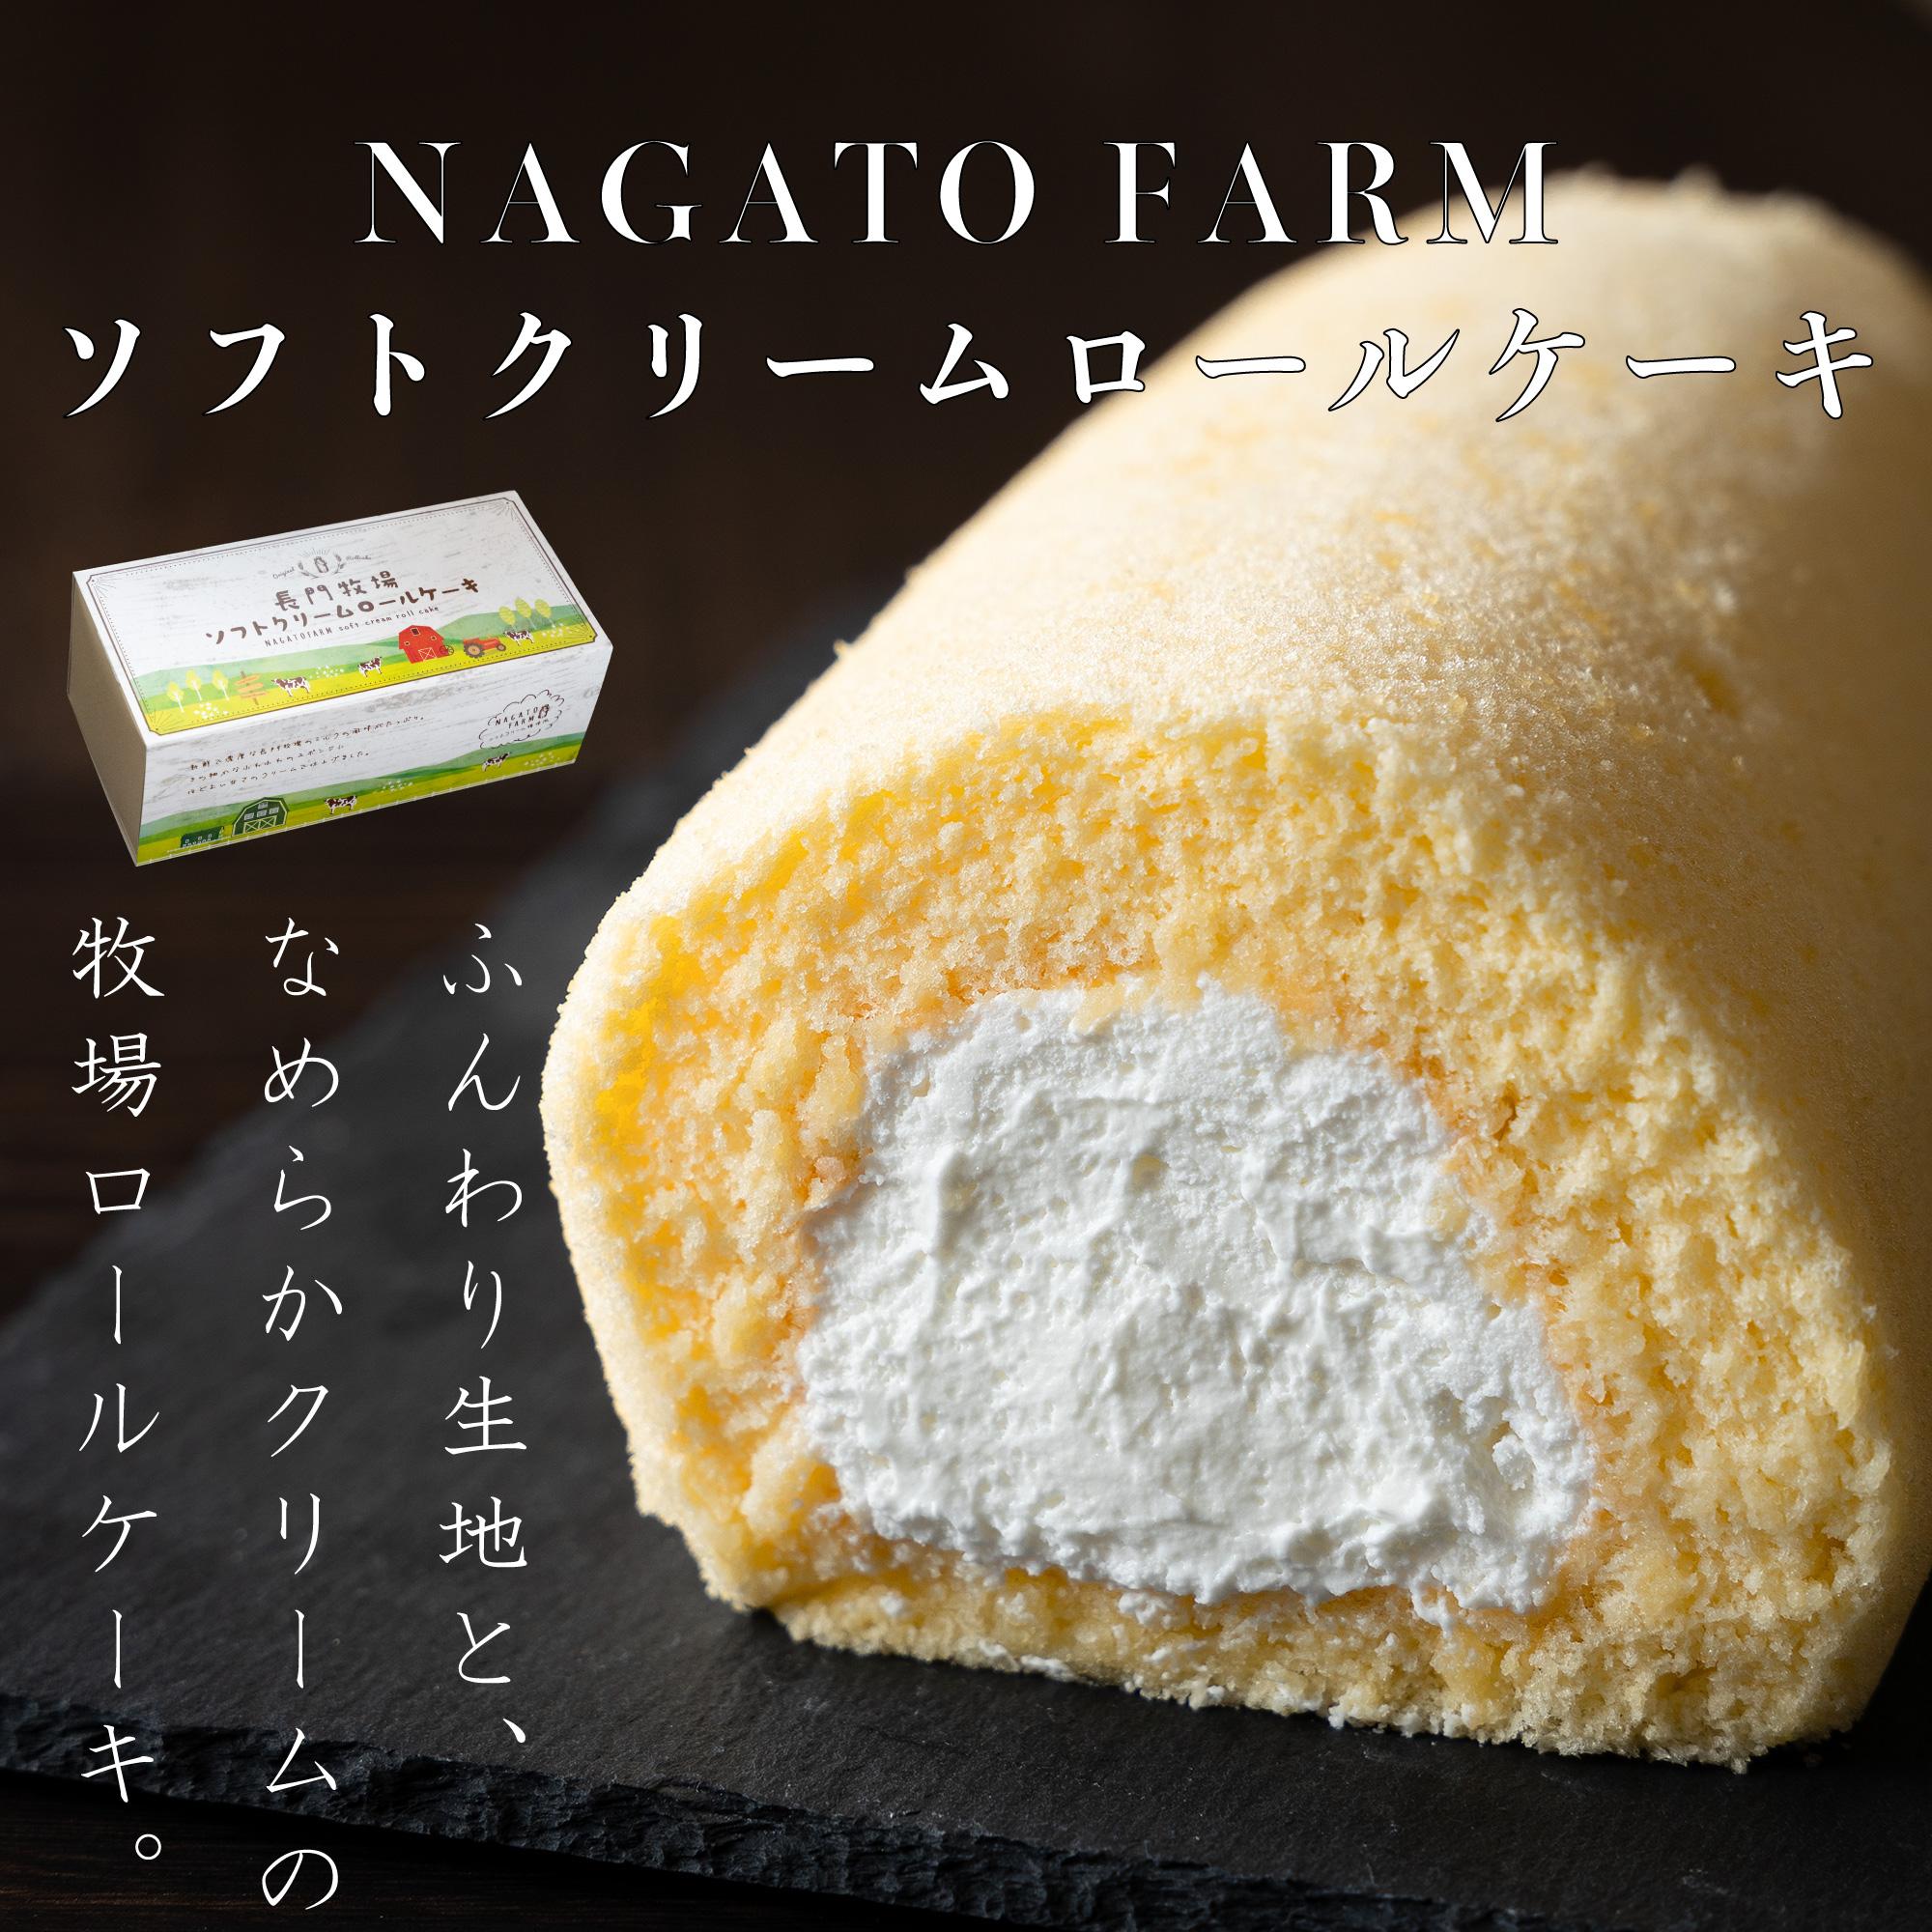 ソフトクリームロールケーキ